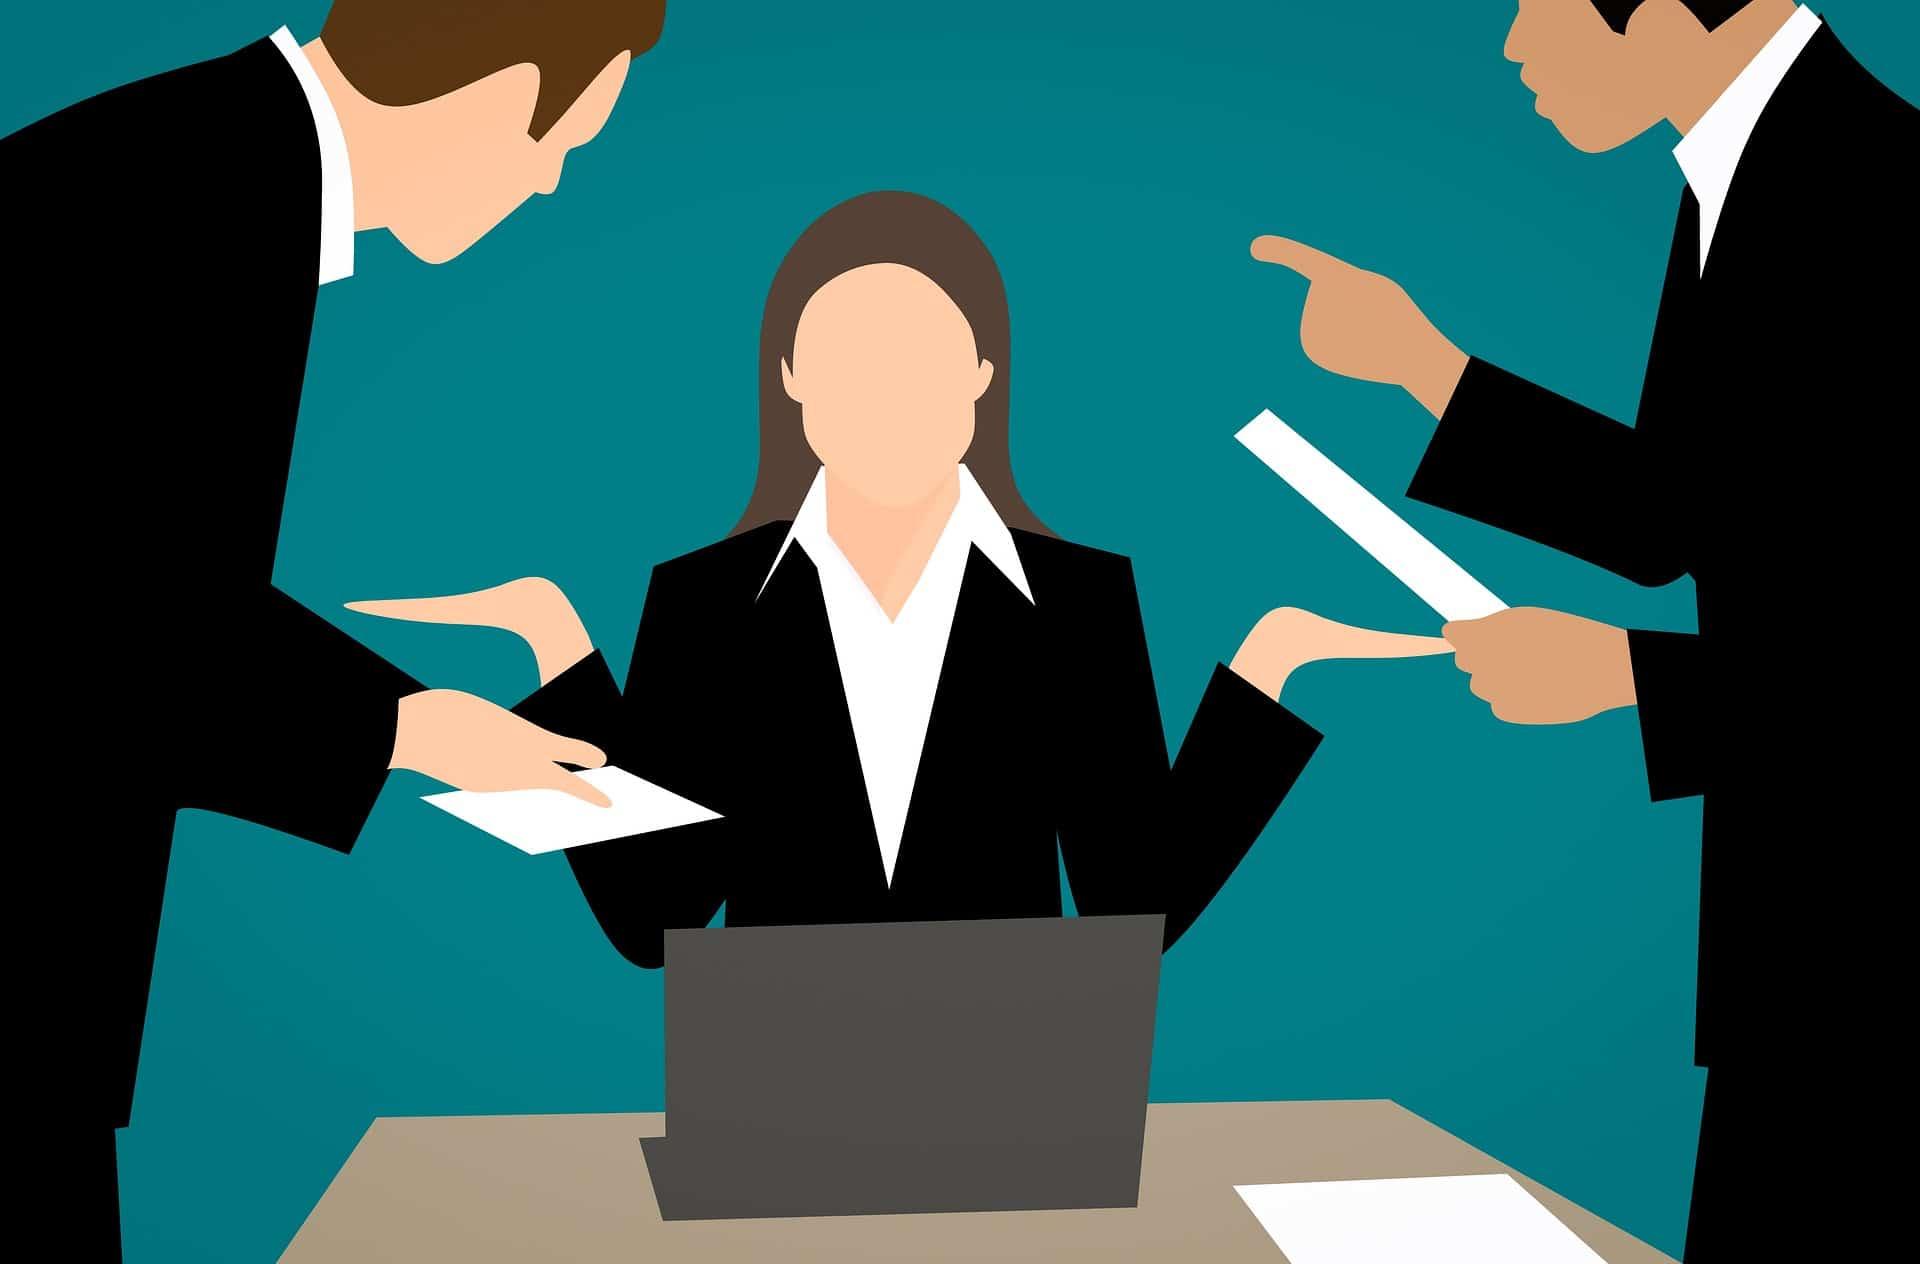 Sig farvel til dårlig samvittighed: Sådan prioriterer du din markedsføring i hverdagen